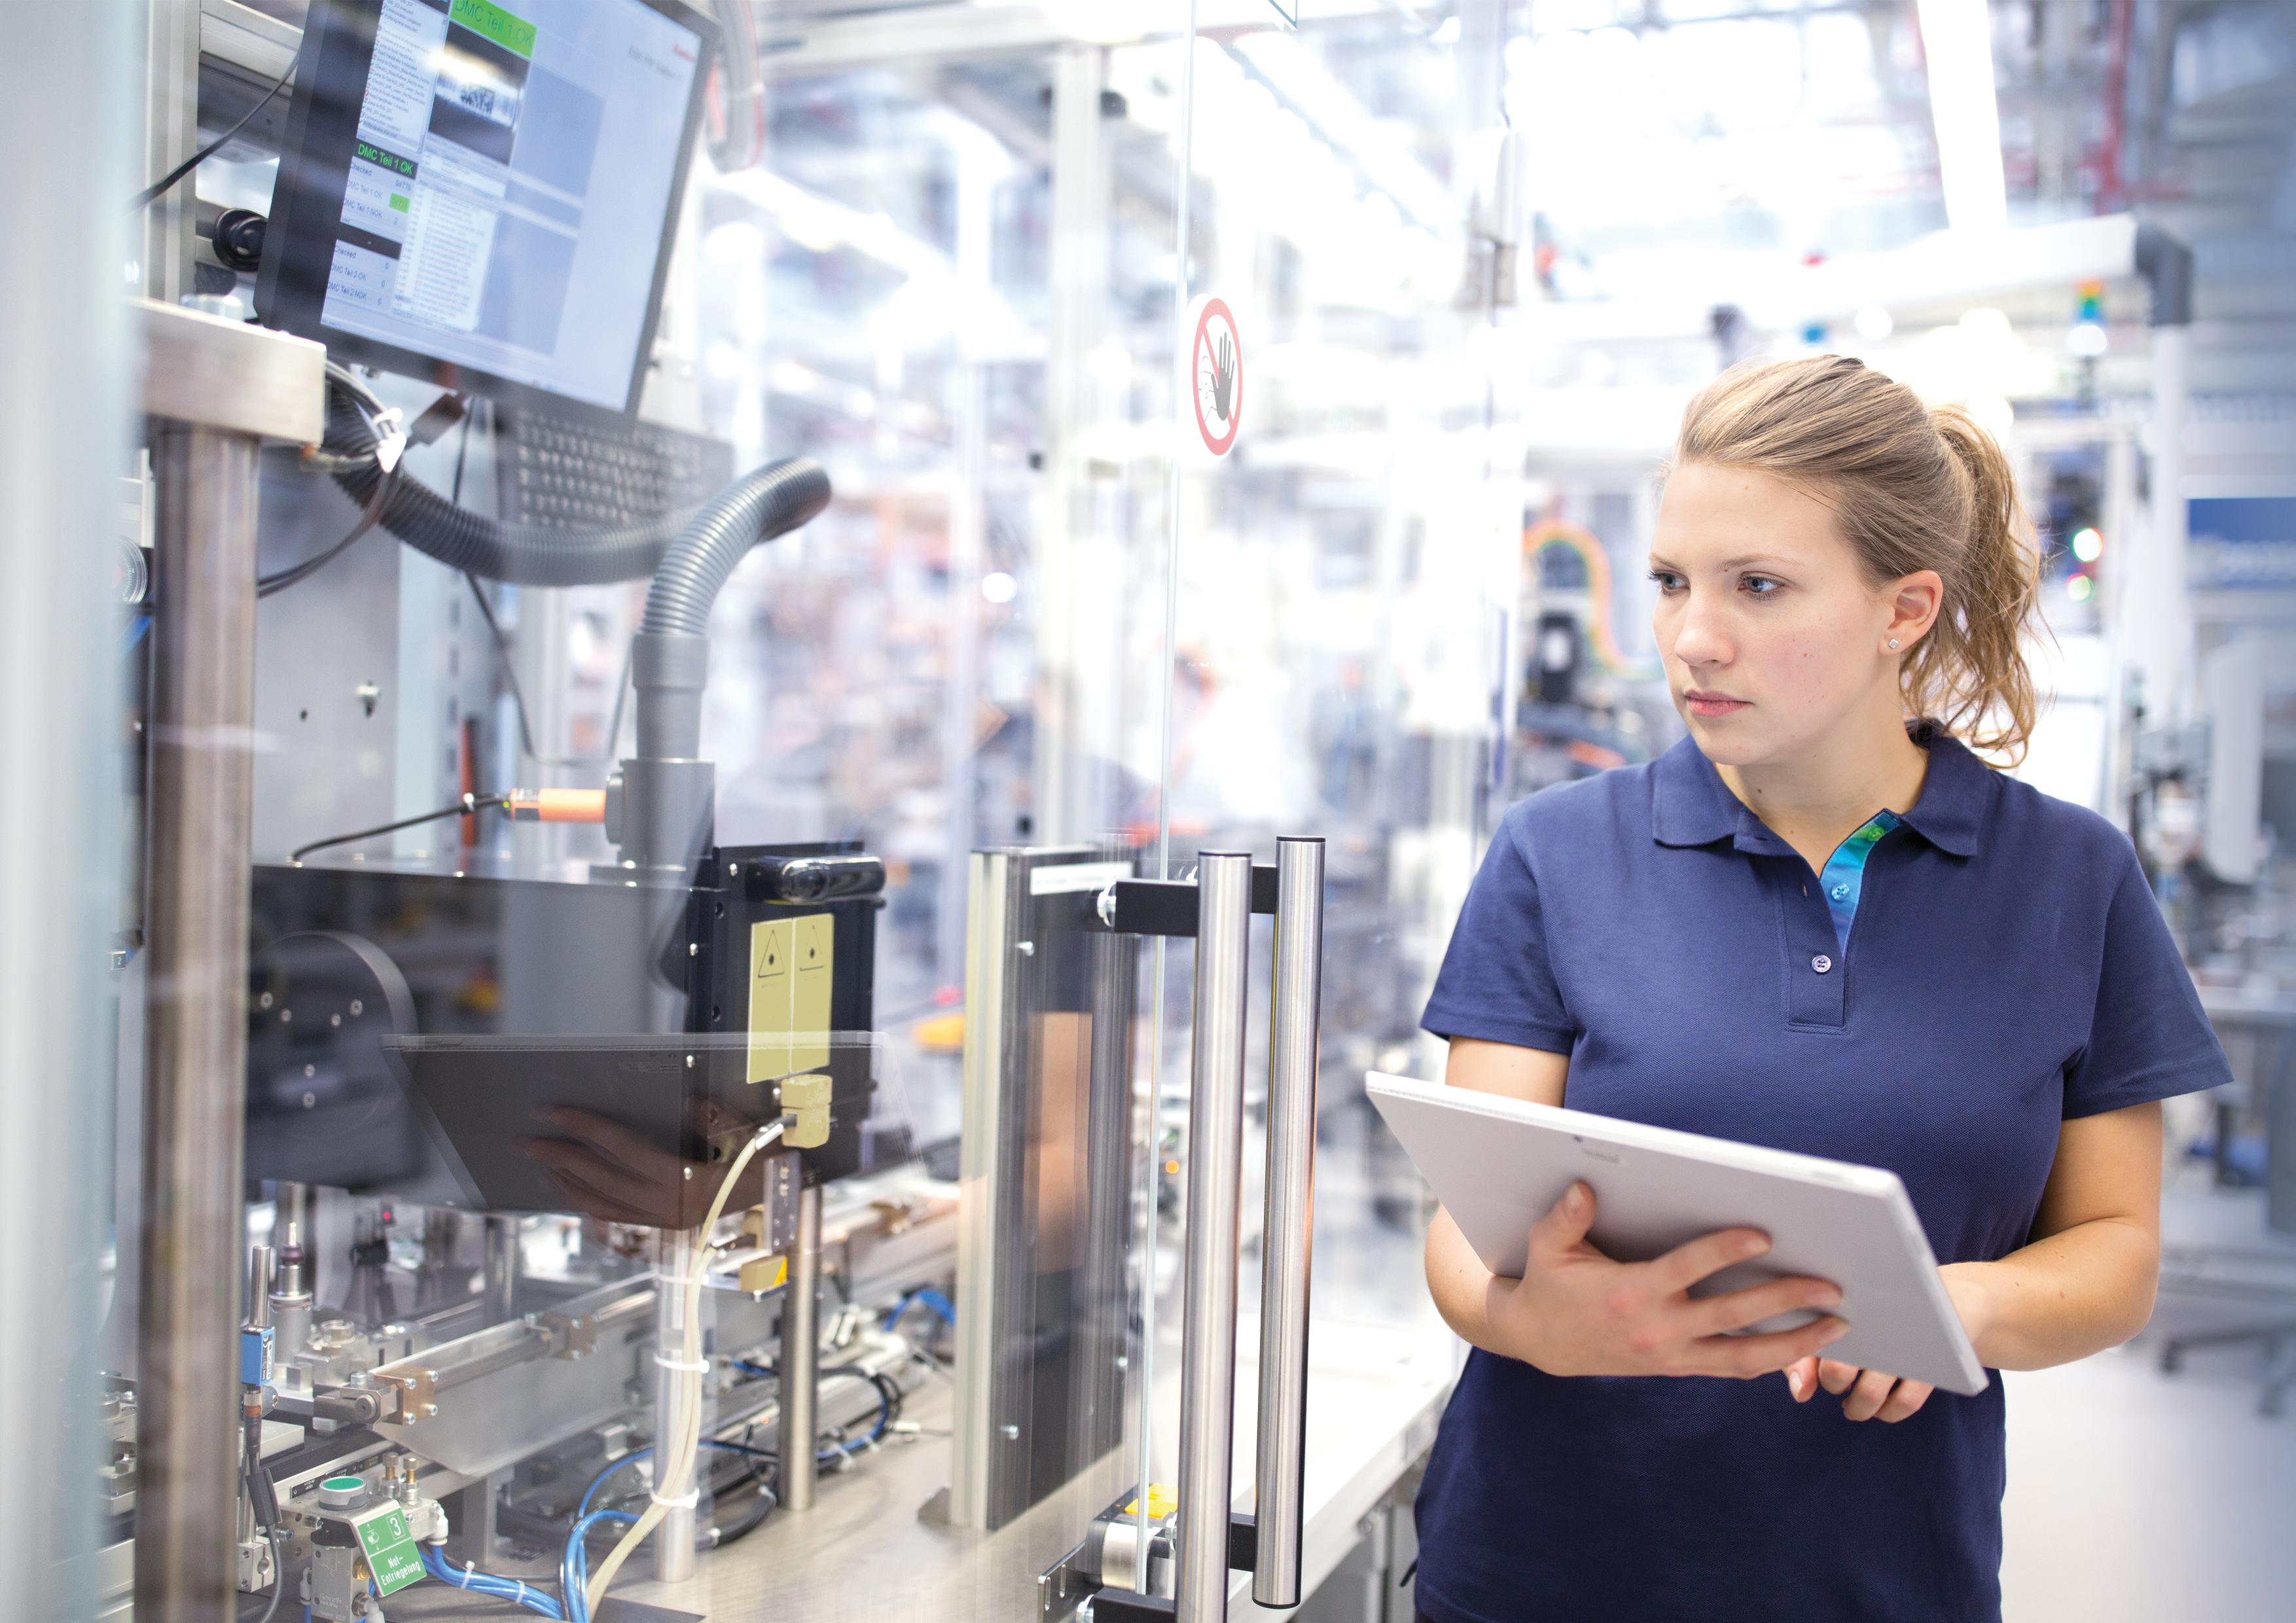 Foco em Indústria 4.0: A Nexeed apoia os funcionários em seu trabalho diário, gerando mais produtividade, qualidade e agilidade para os negócios.